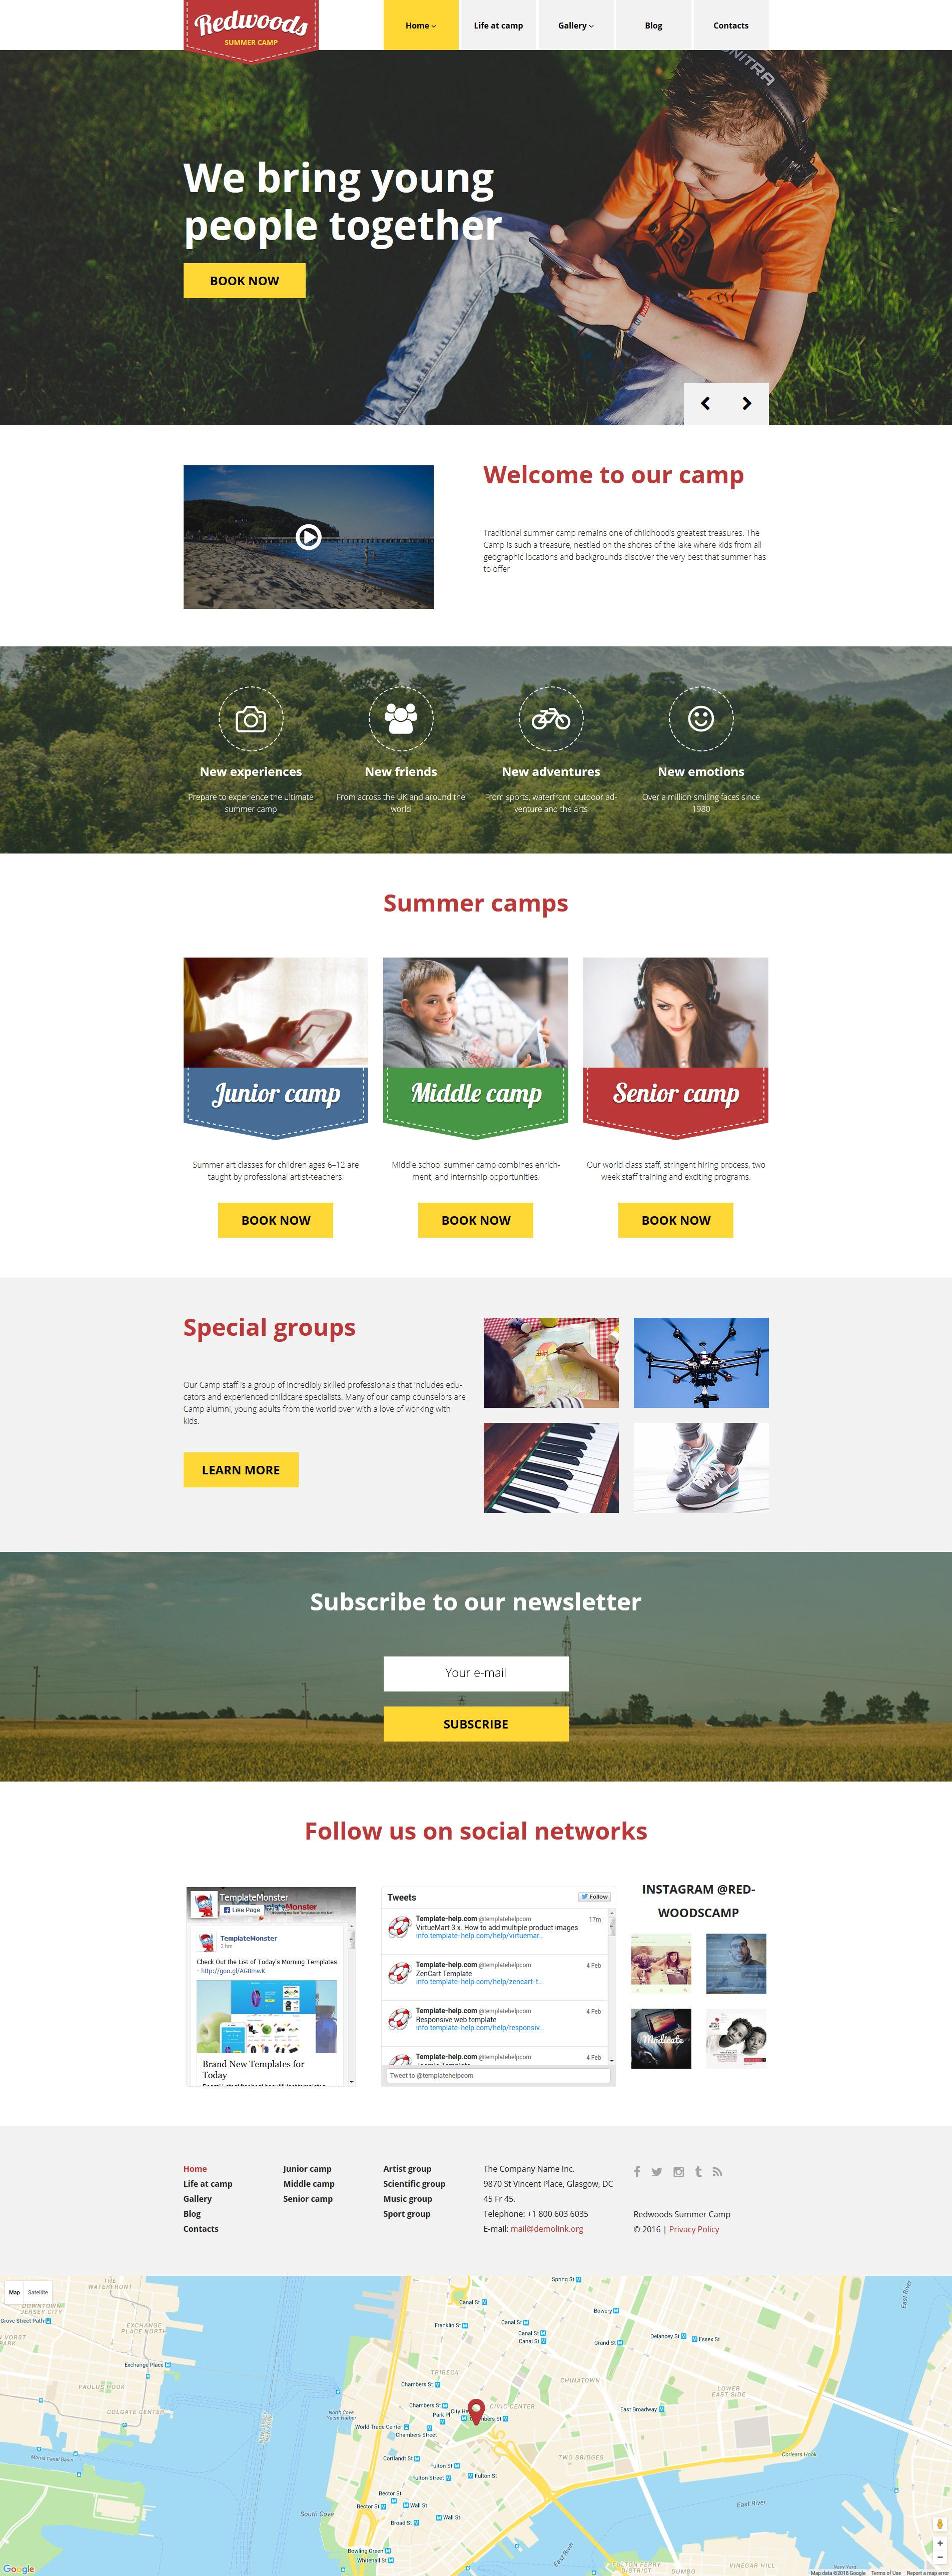 Reszponzív Redwoods WordPress sablon 58465 - képernyőkép